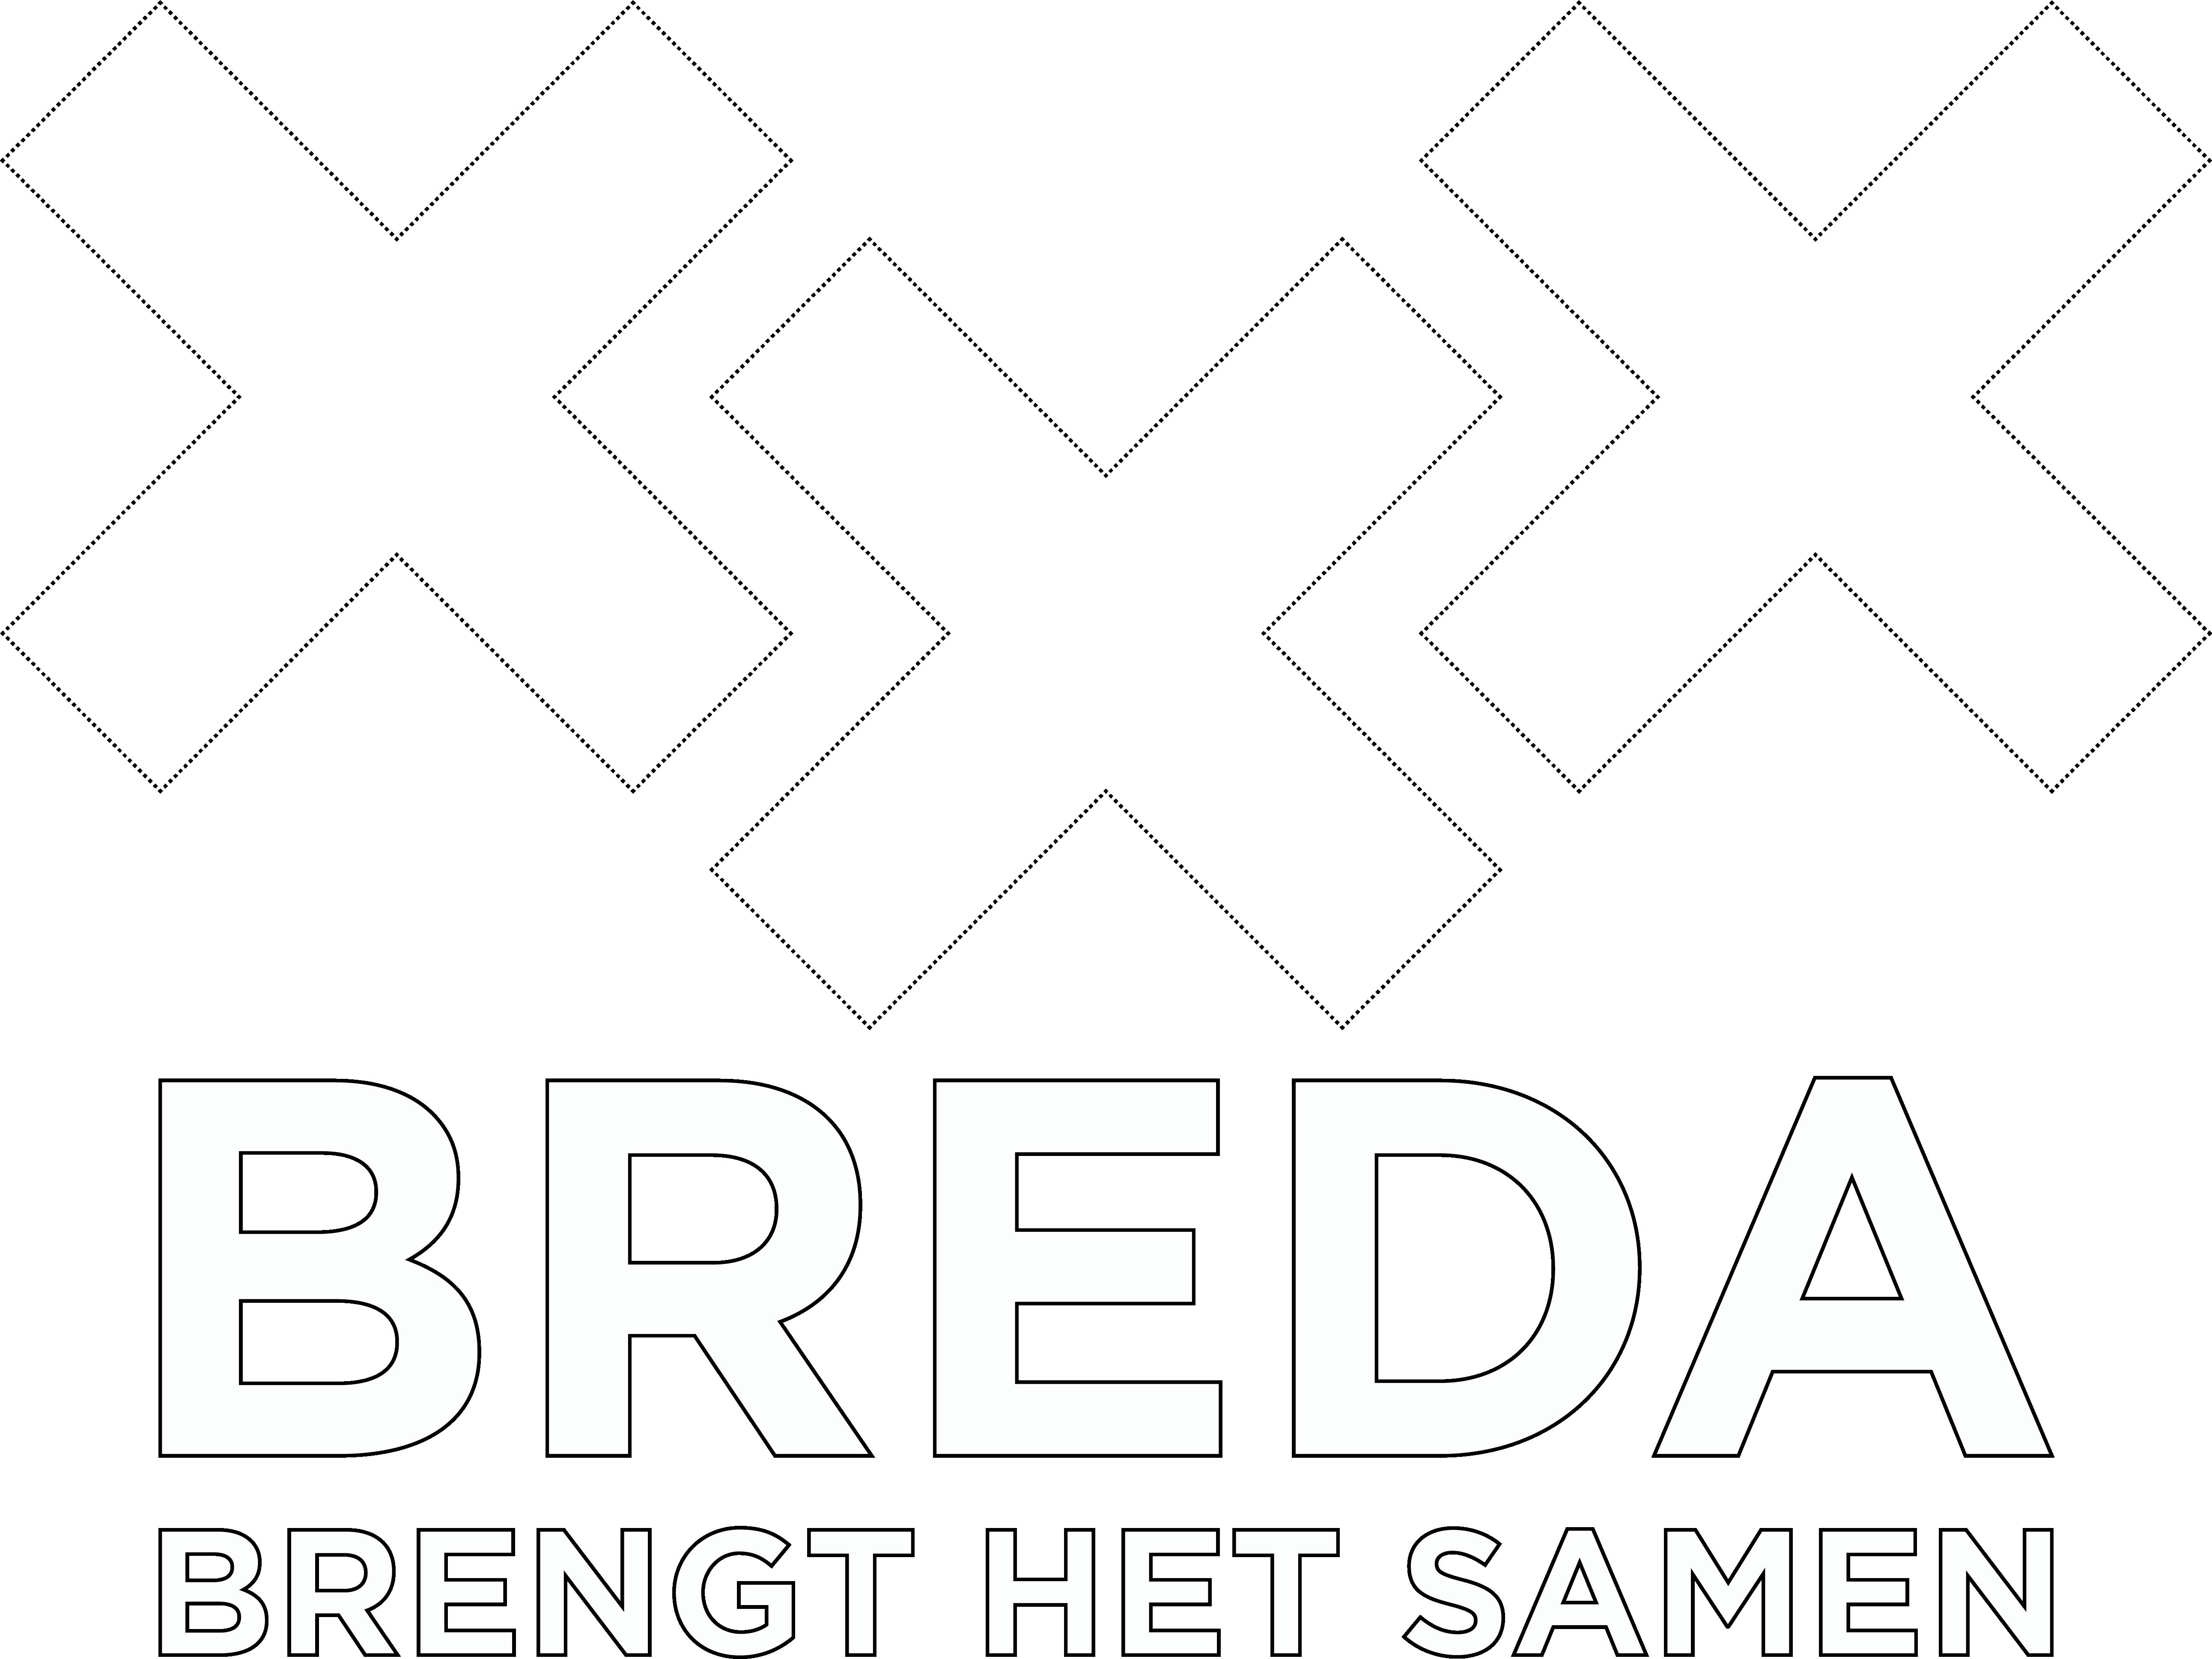 Middel-2Breda-brengt-het-samen.png